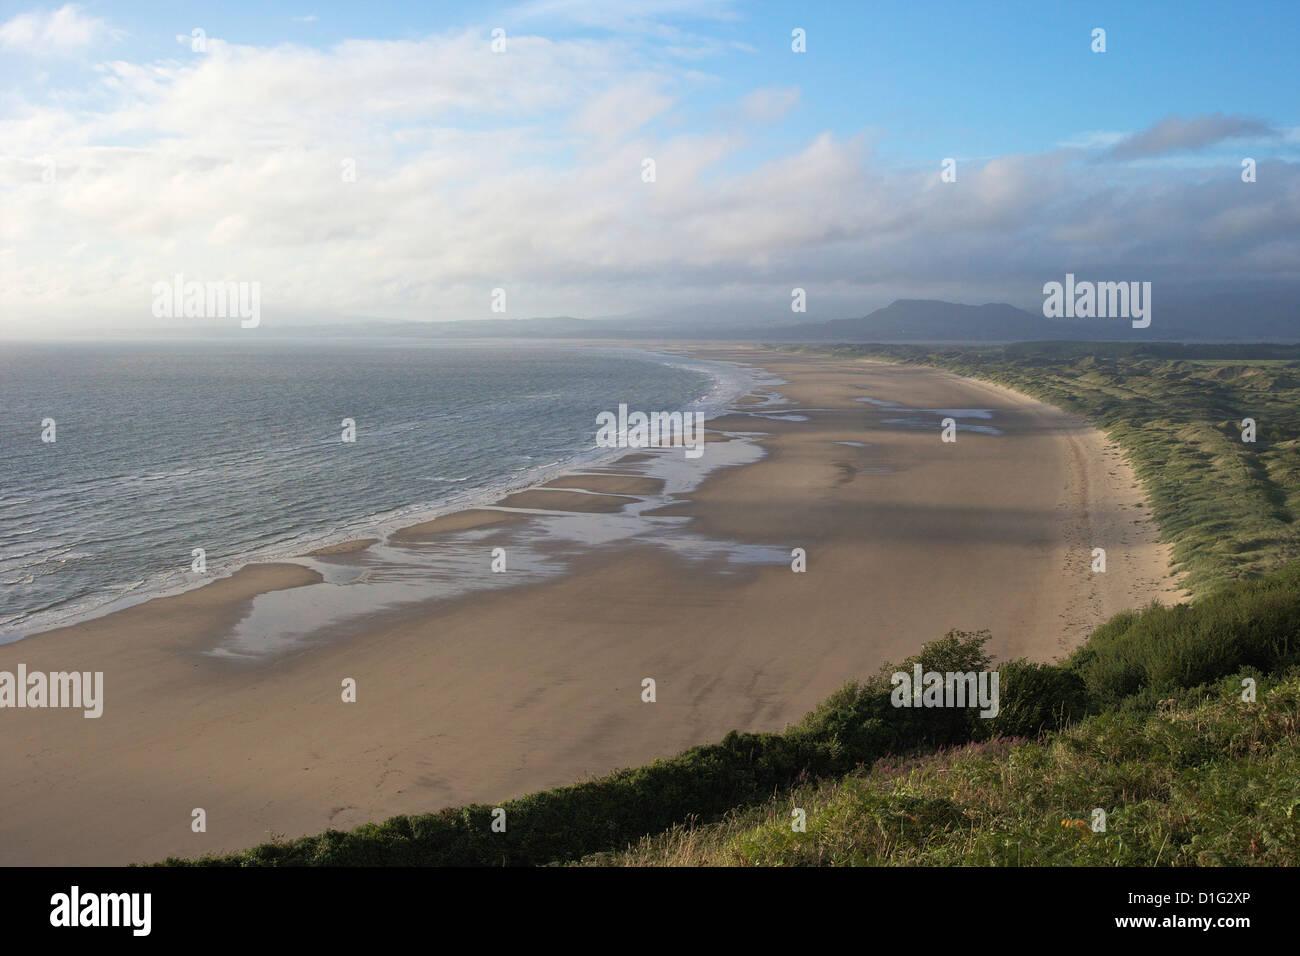 Tremadog Bay and Harlech beach seen from near Llanfair, Gwynedd, Wales, United Kingdom, Europe - Stock Image